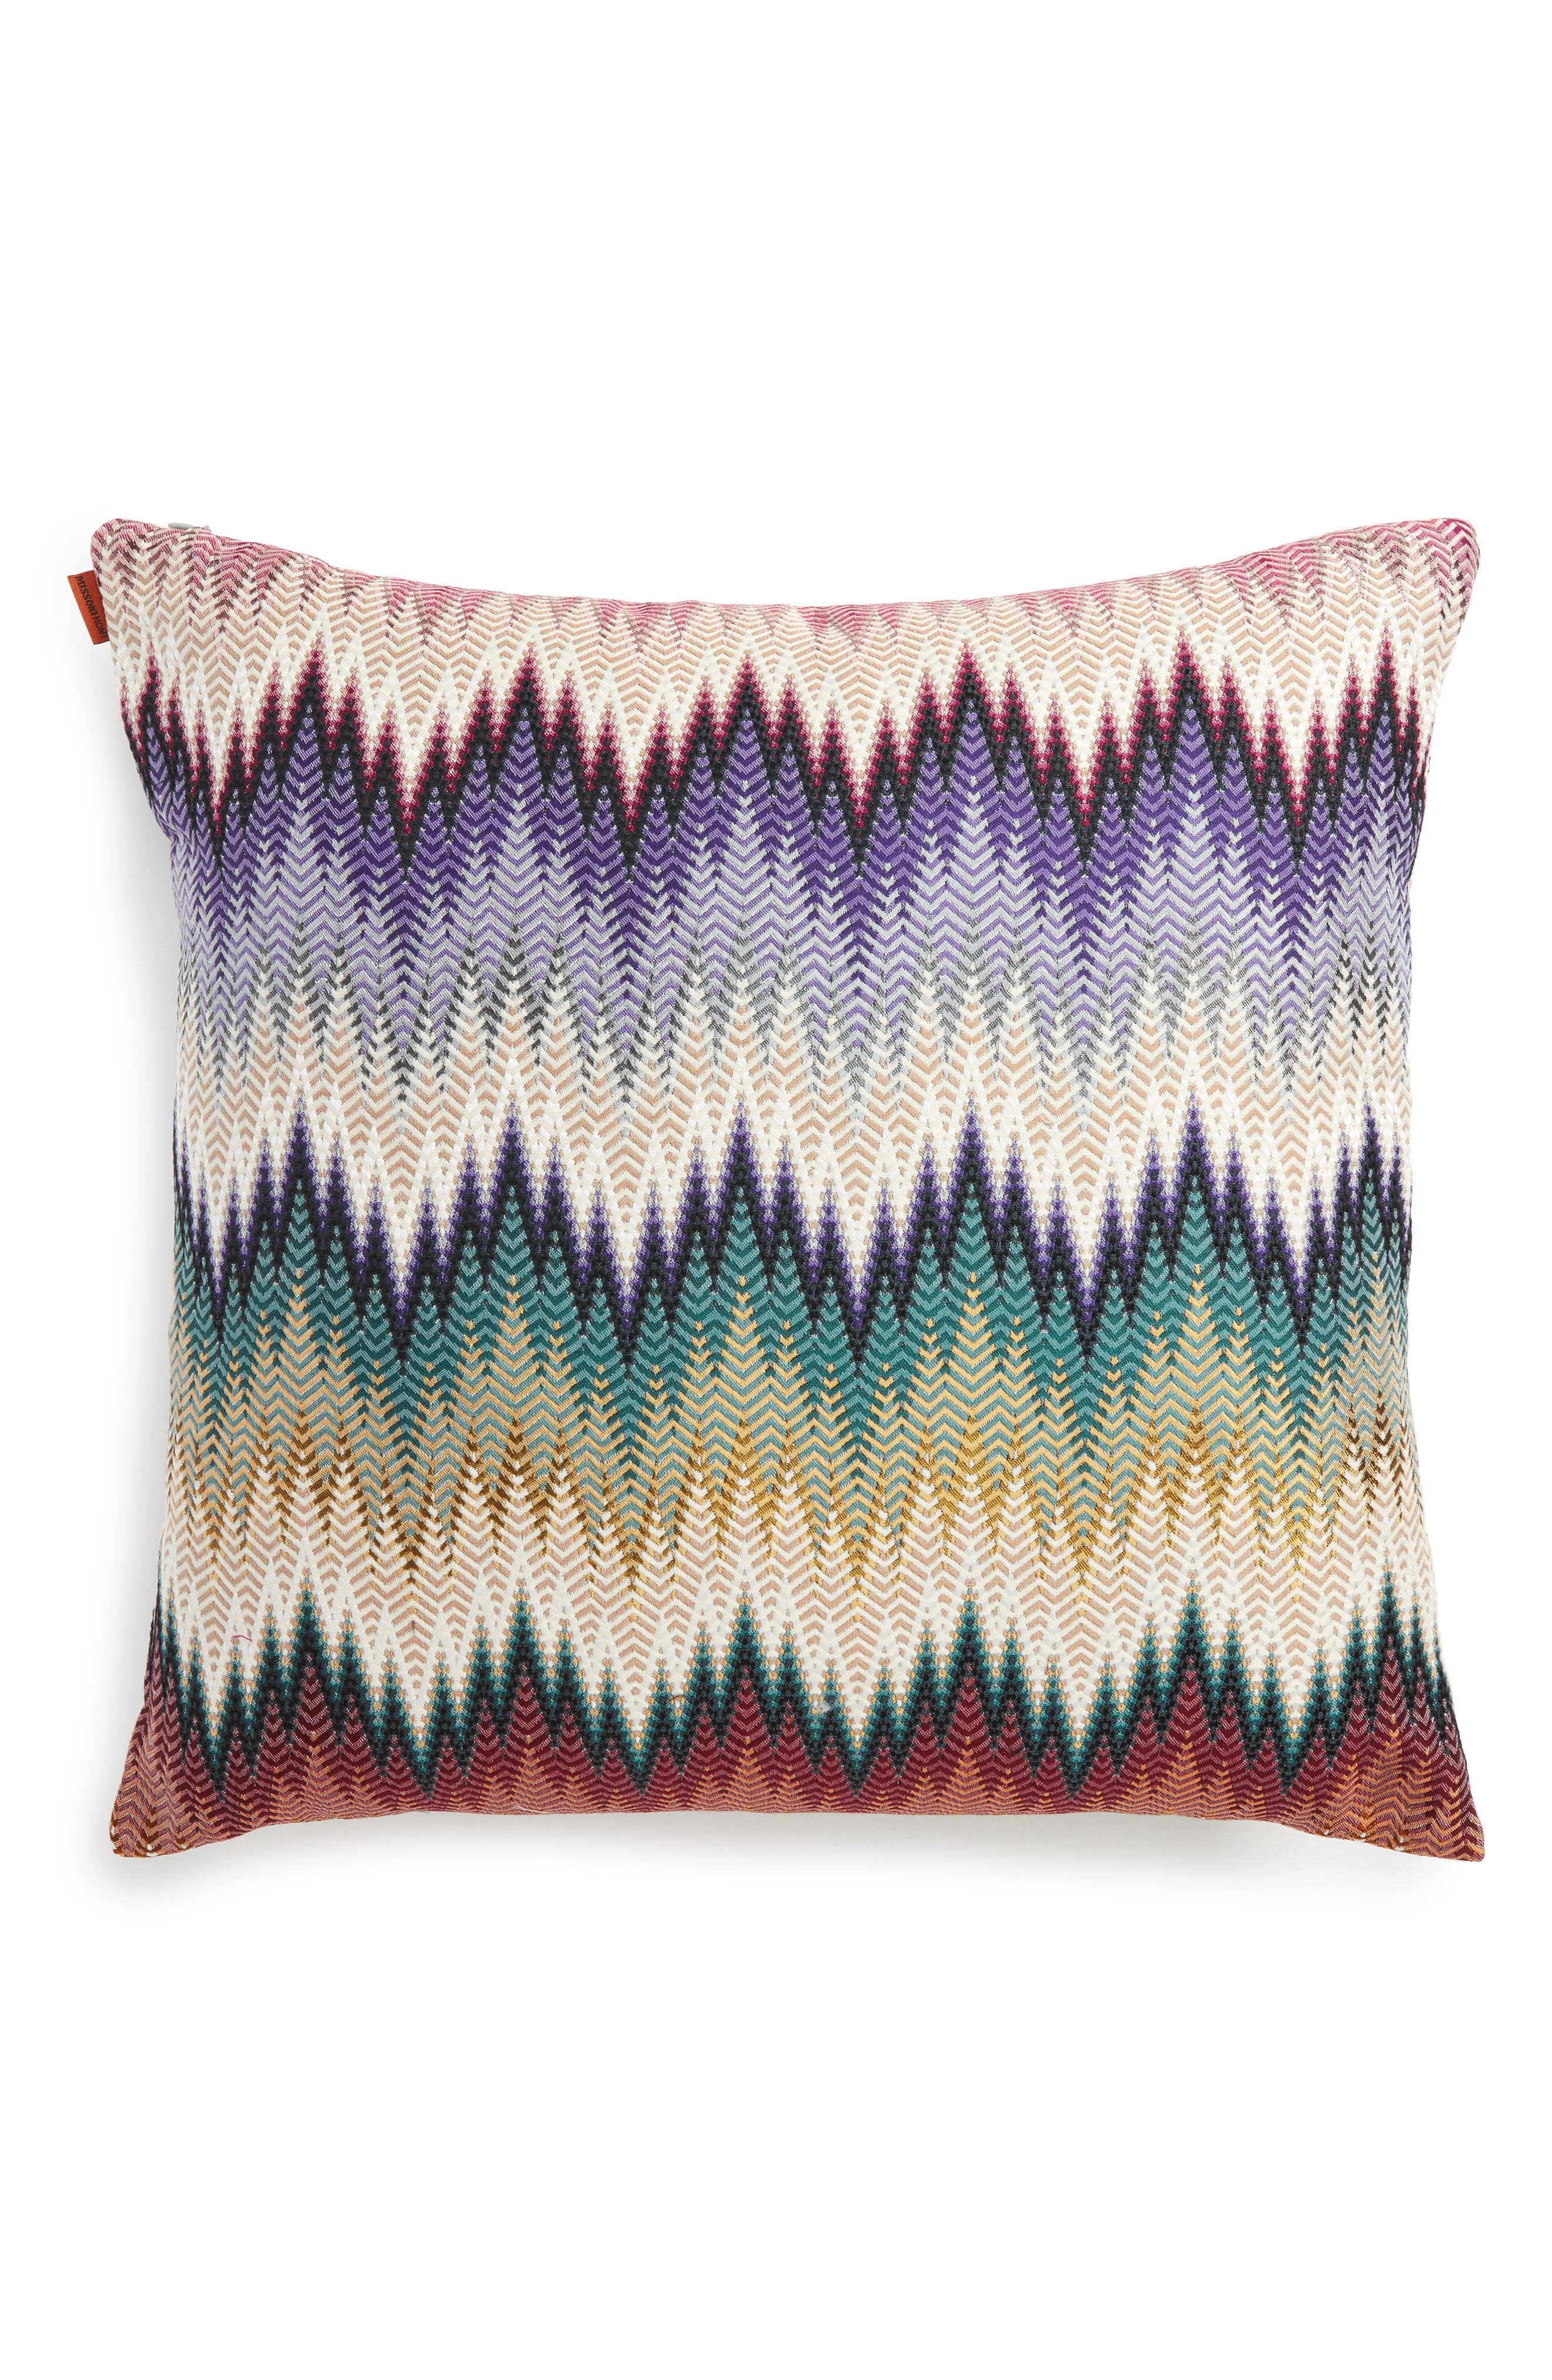 Phrae Accent Pillow,                             Main thumbnail 1, color,                             Multi Color